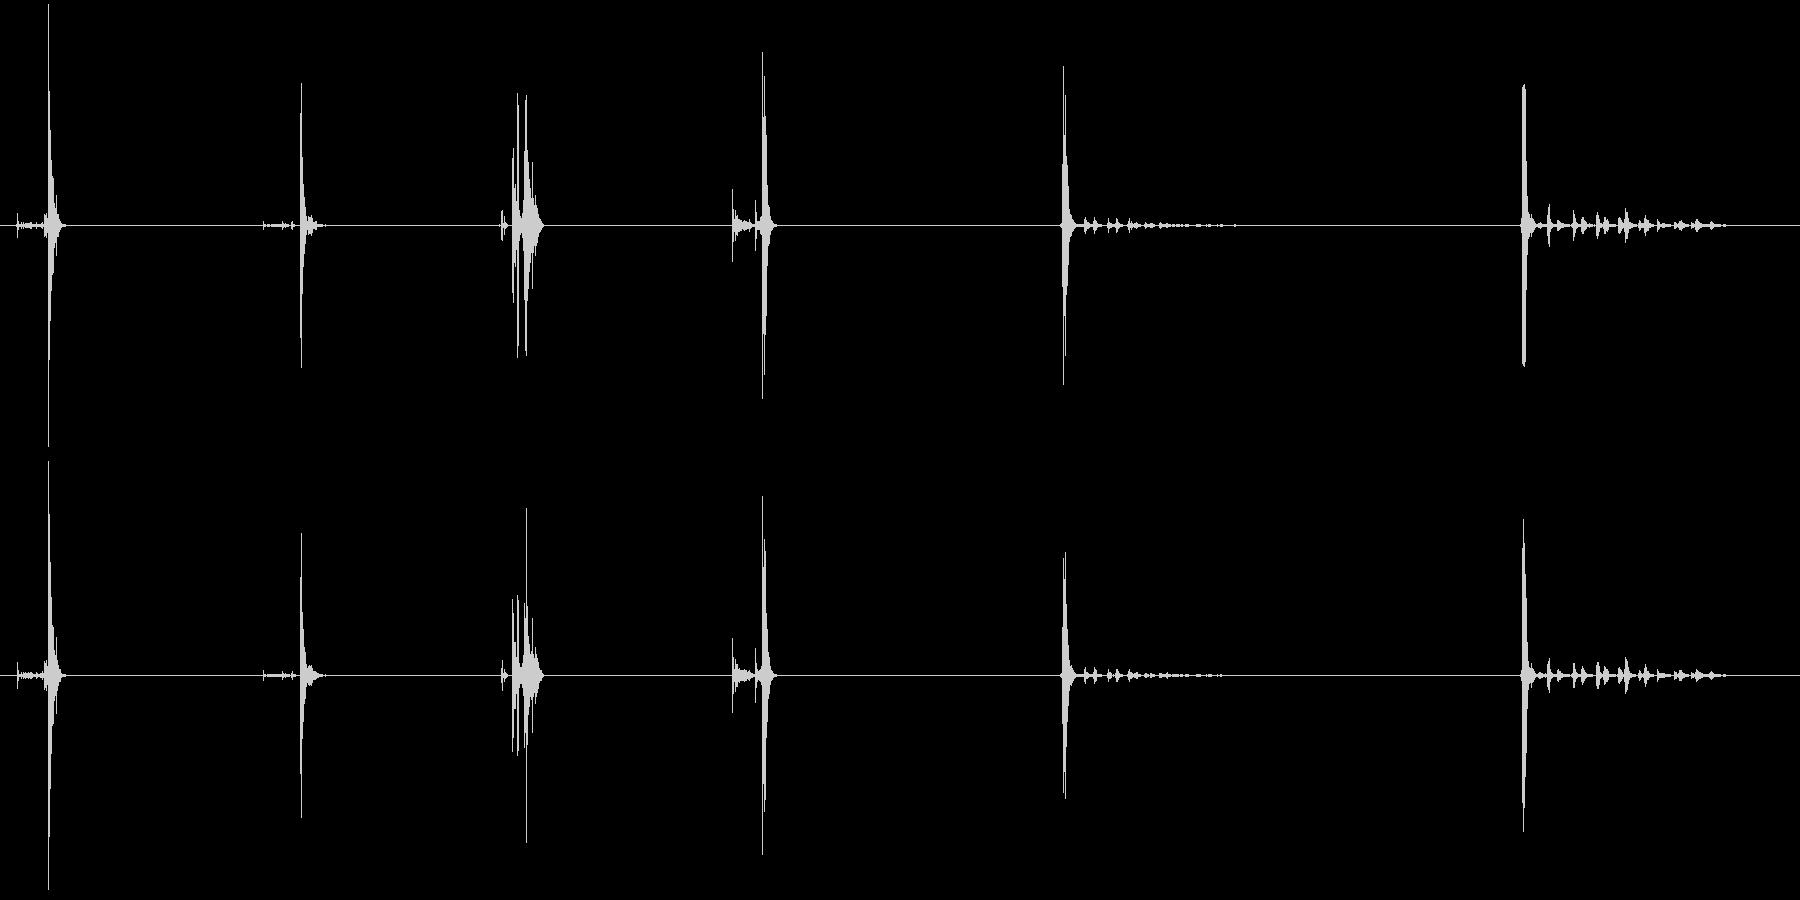 ツール、パッティングダウン、異なる...の未再生の波形